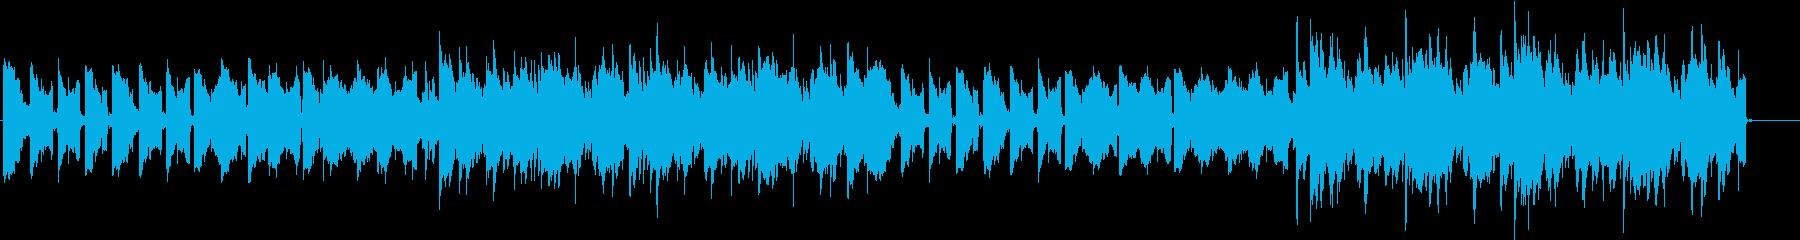 幻想的 トロピカル エレクトロ   夏の再生済みの波形